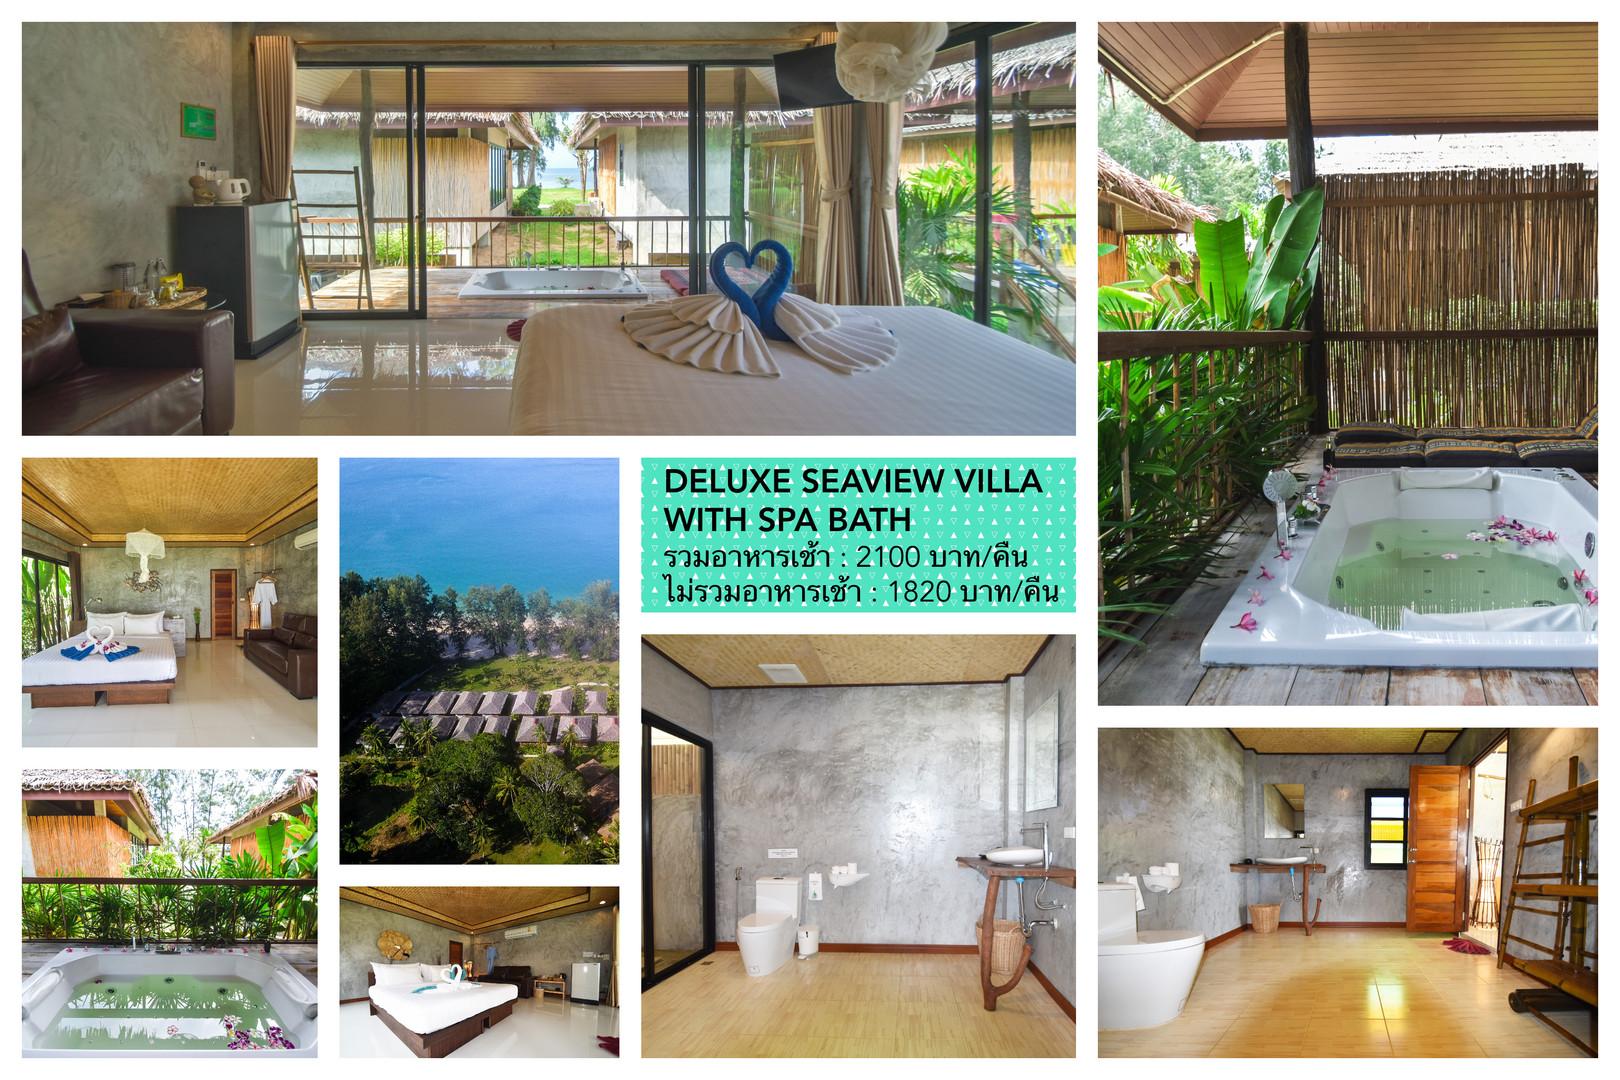 deluxe seaview villa.jpg